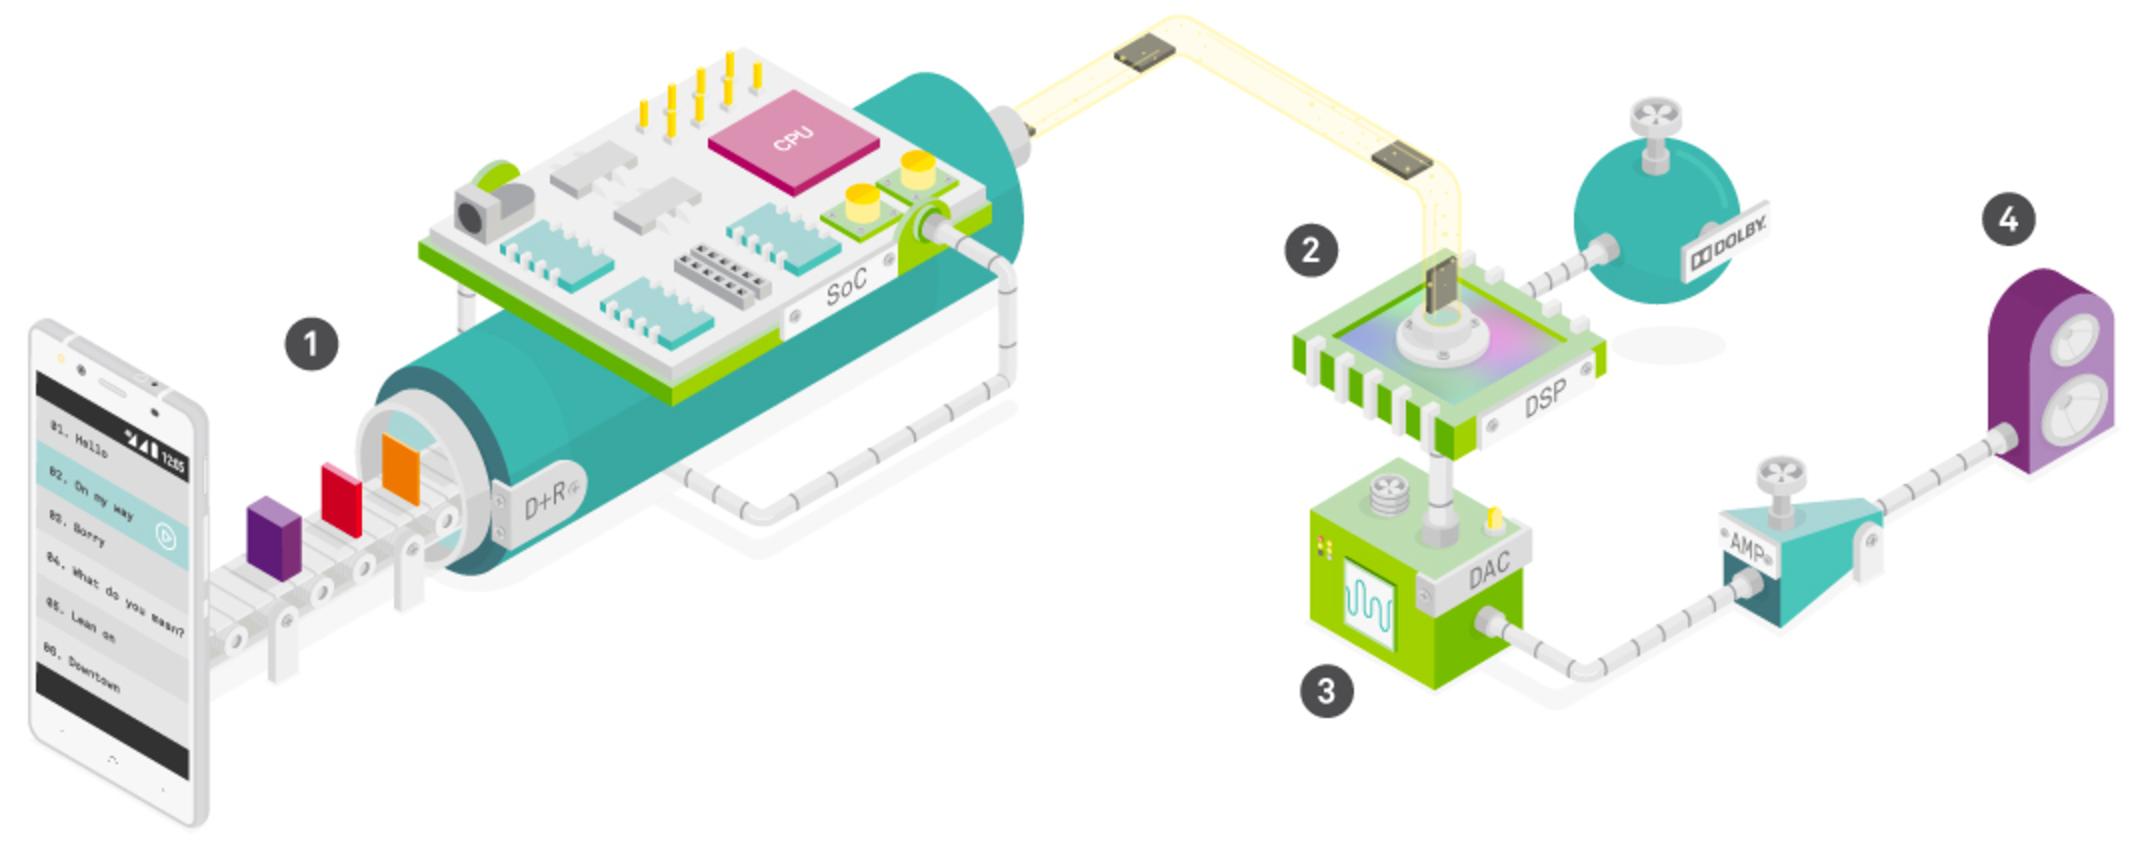 Dibujo a color del proceso de sonido de un móvil fabricado por la empresa tecnológica española, BQ